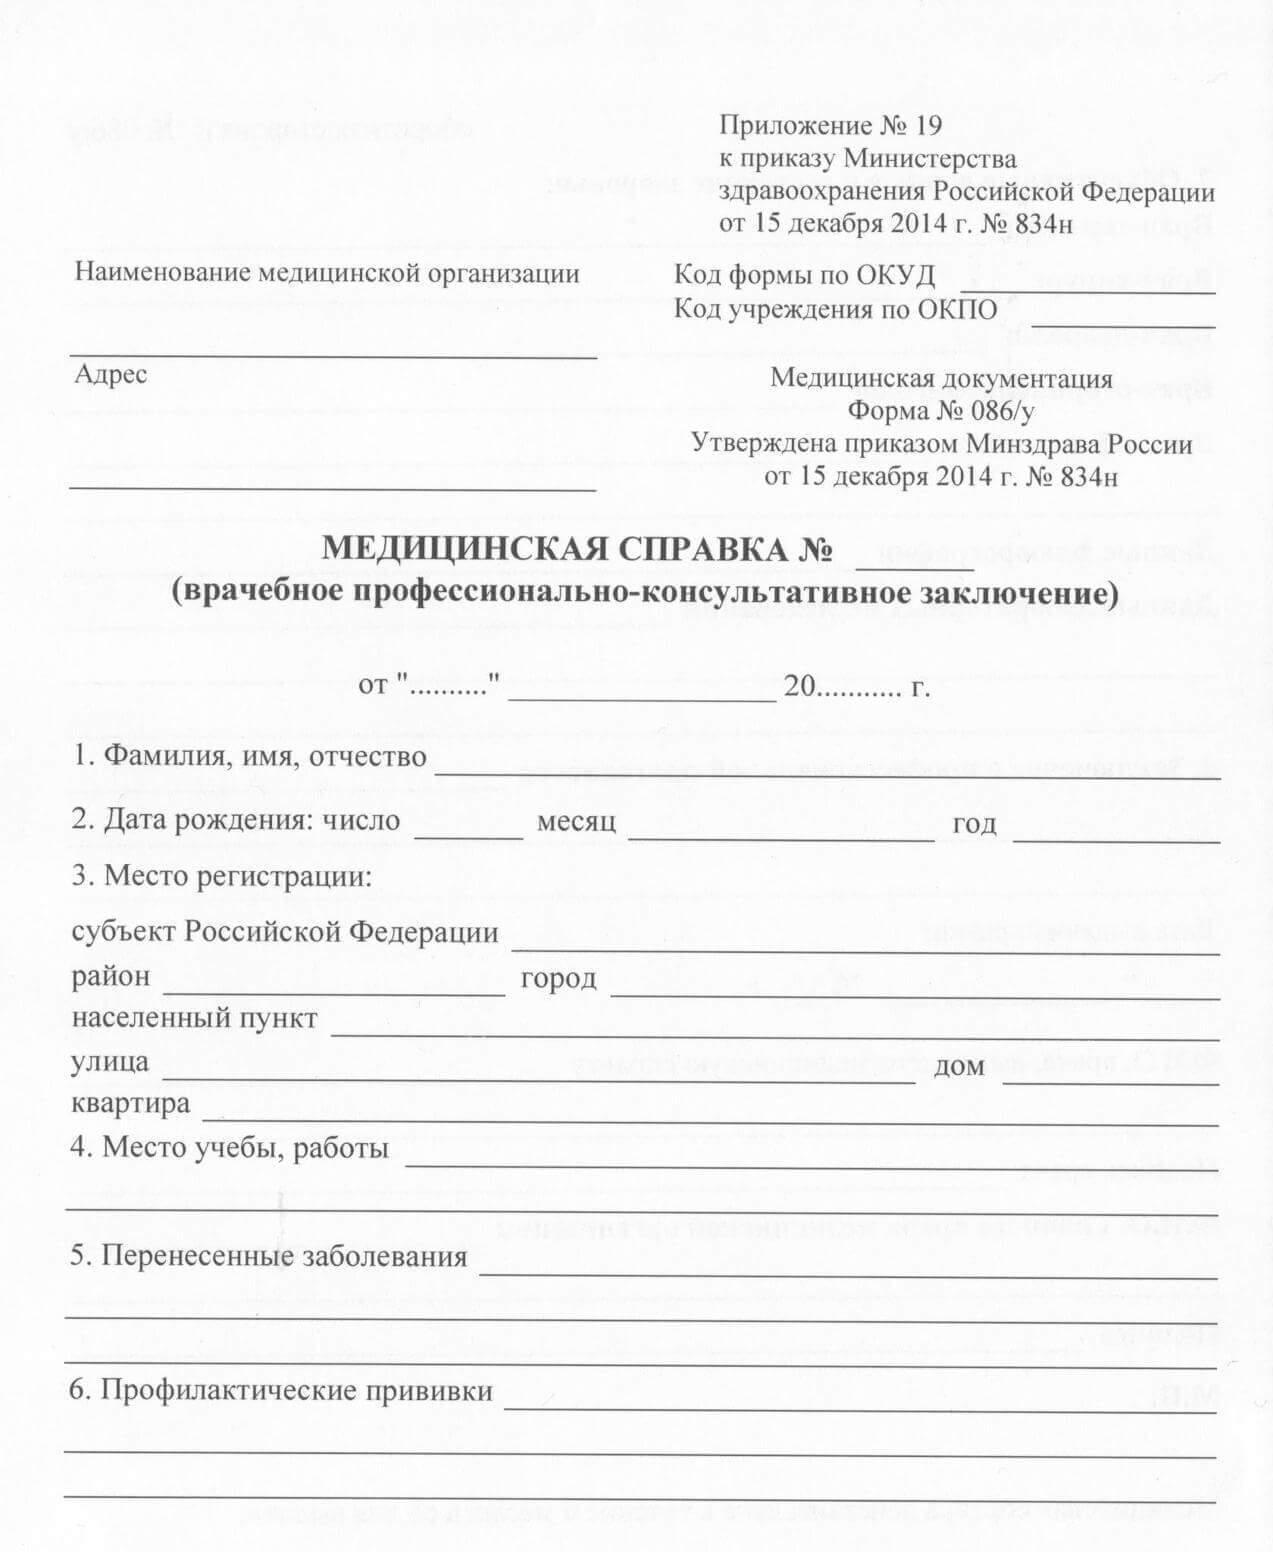 Купить диплом о строительном образовании пгс